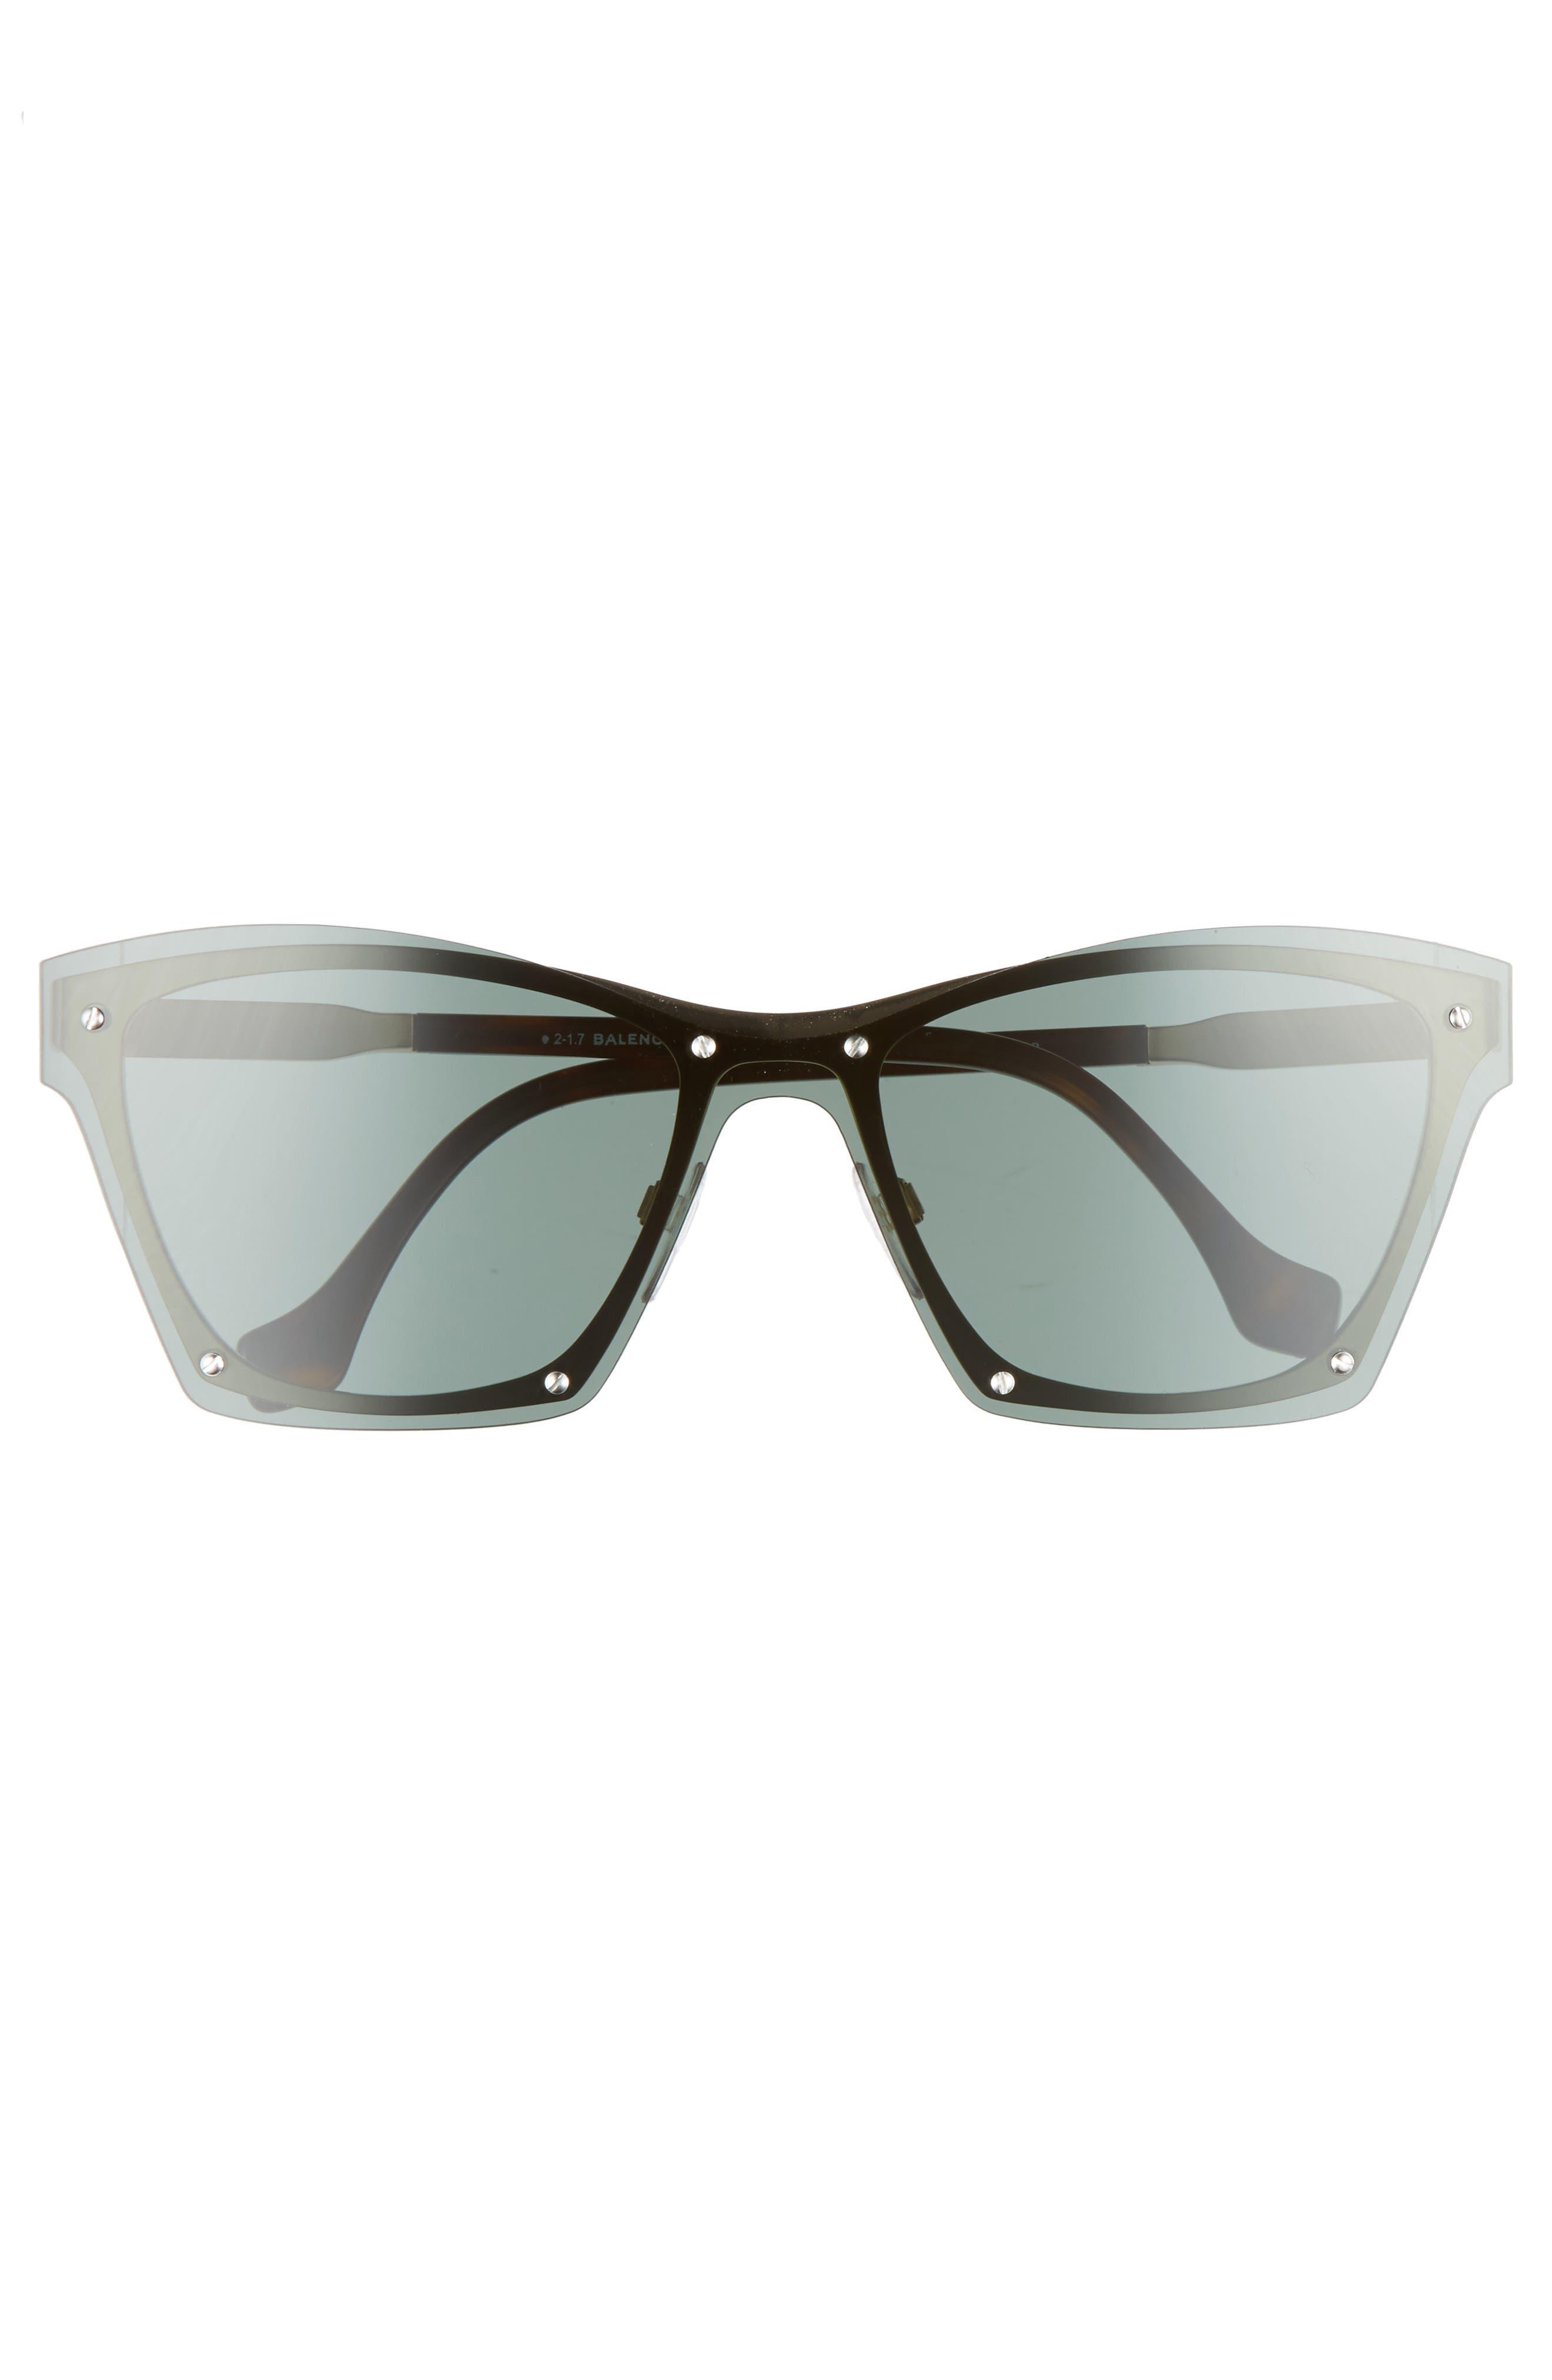 55mm Frameless Sunglasses,                             Alternate thumbnail 9, color,